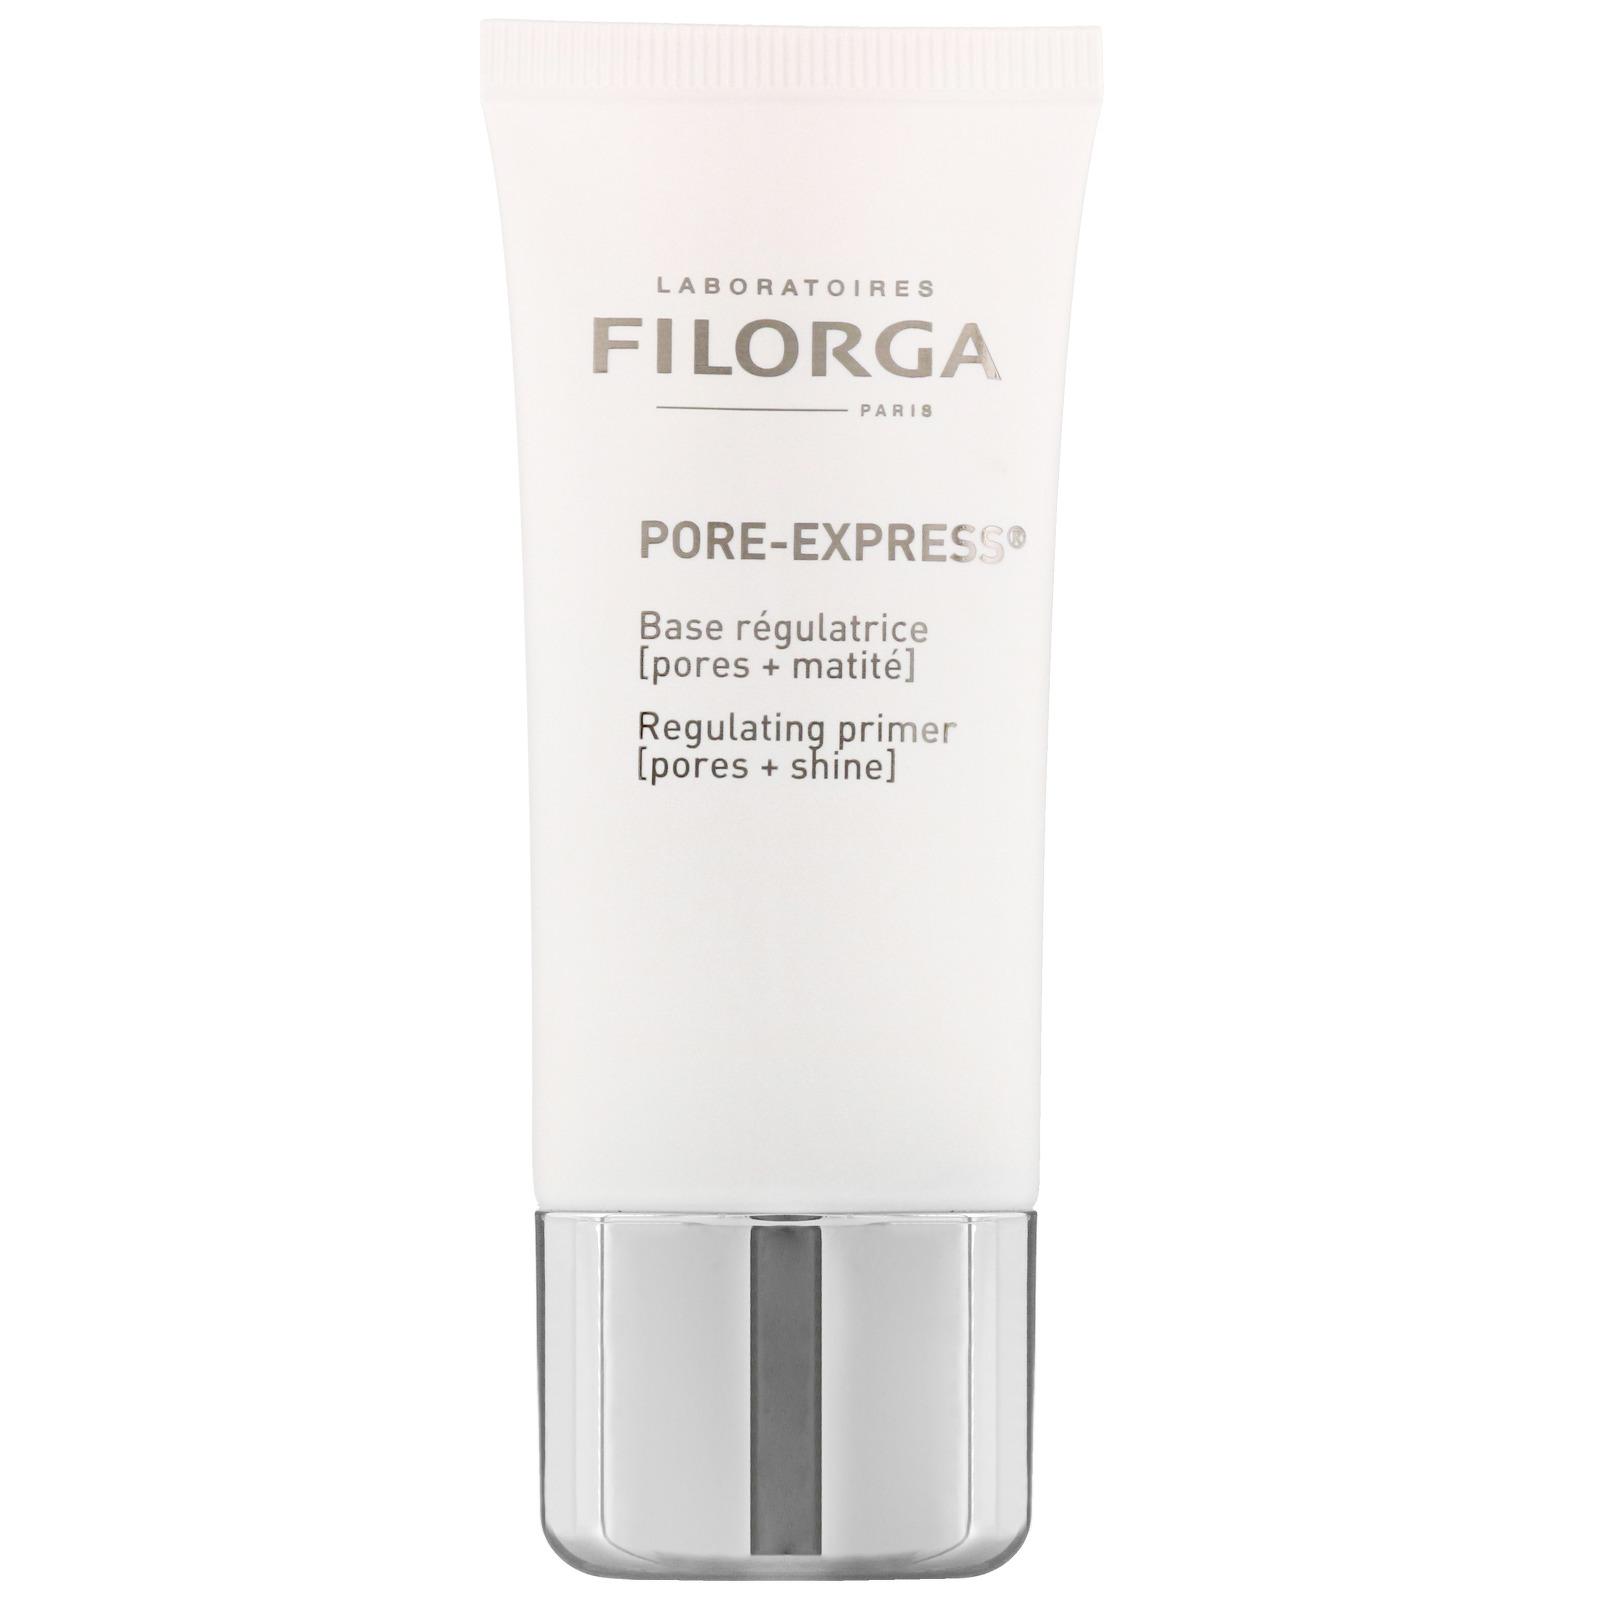 Filorga Pore-Express